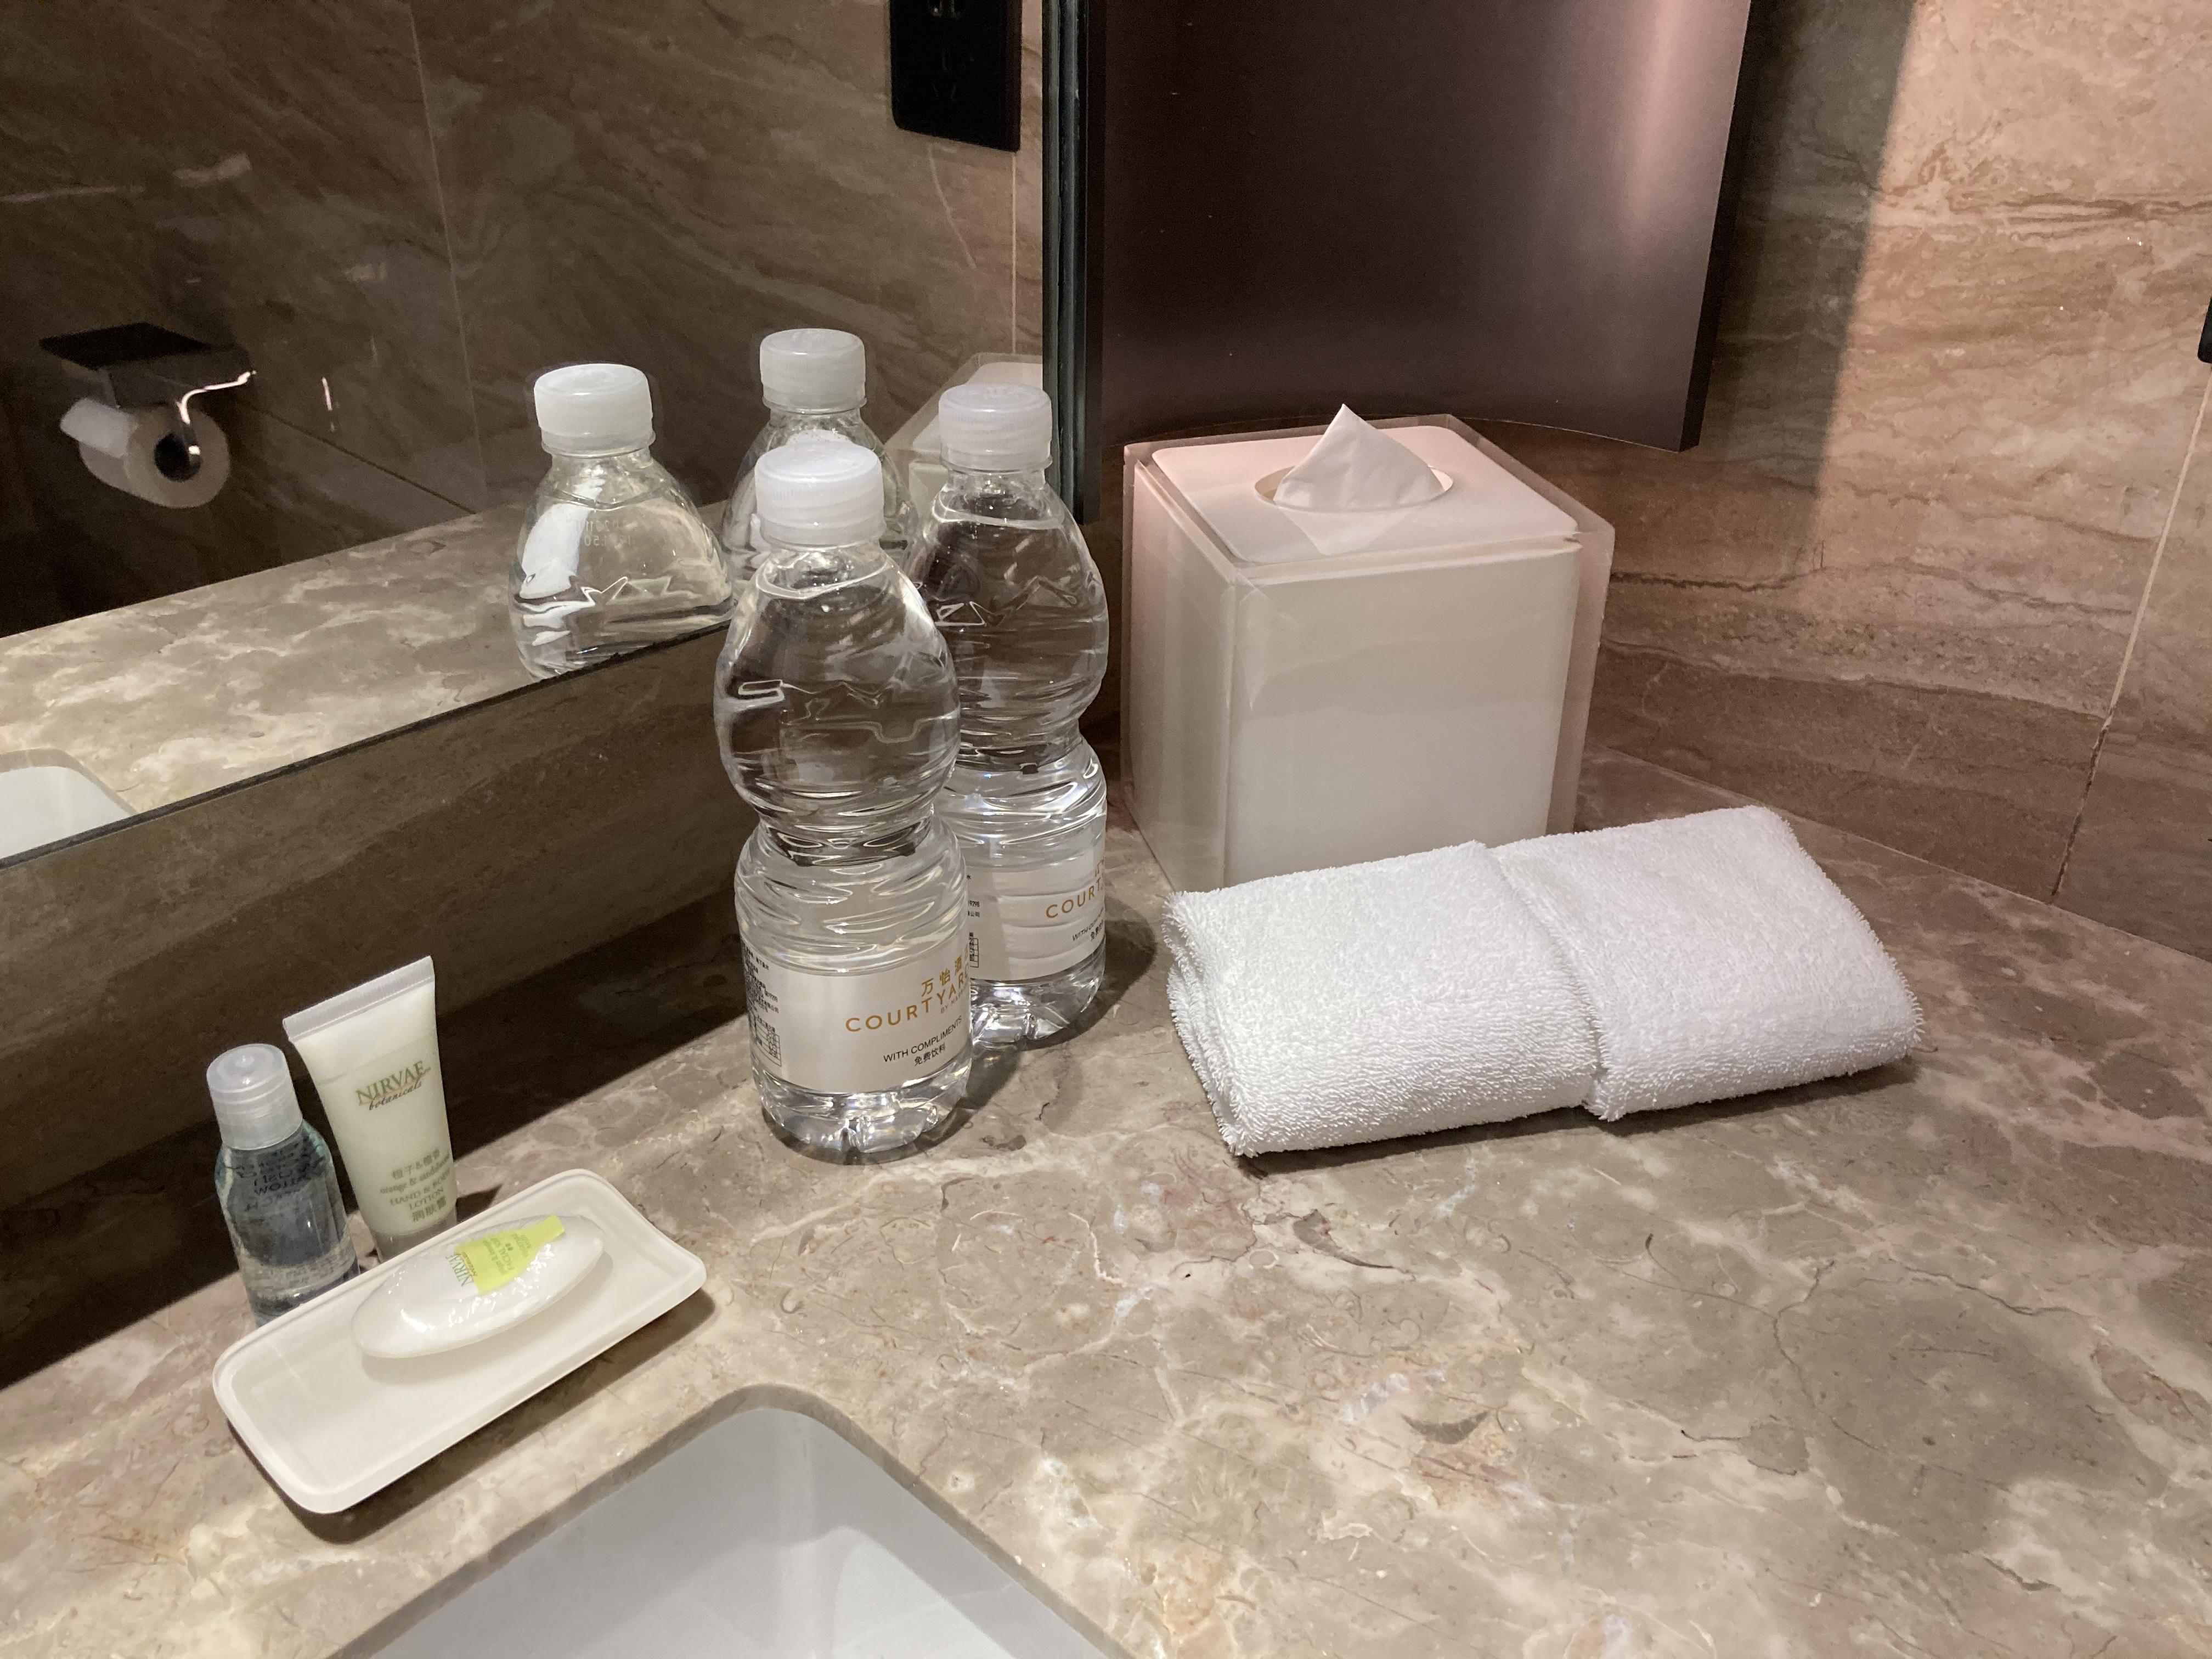 苏州合景万怡酒店-积分房入住体验